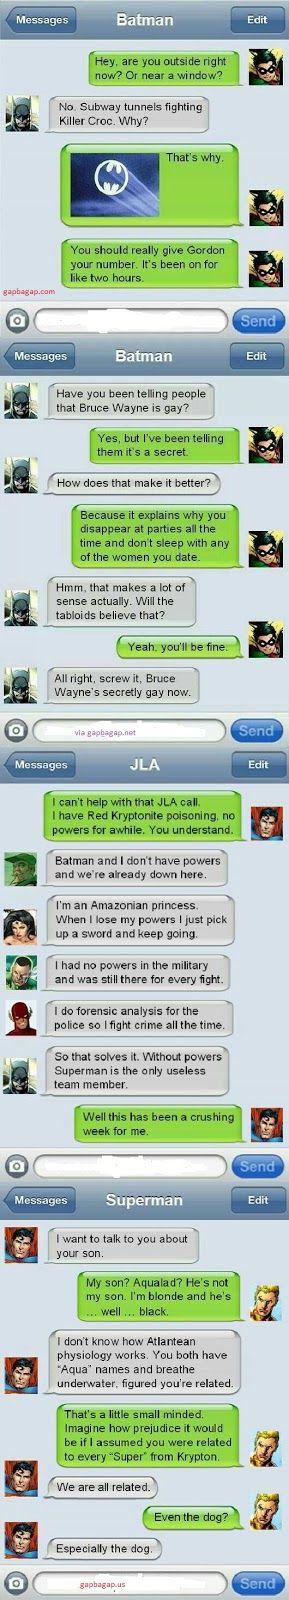 Top 4 Hilarious Text Messages About Batmam vs. Sup...